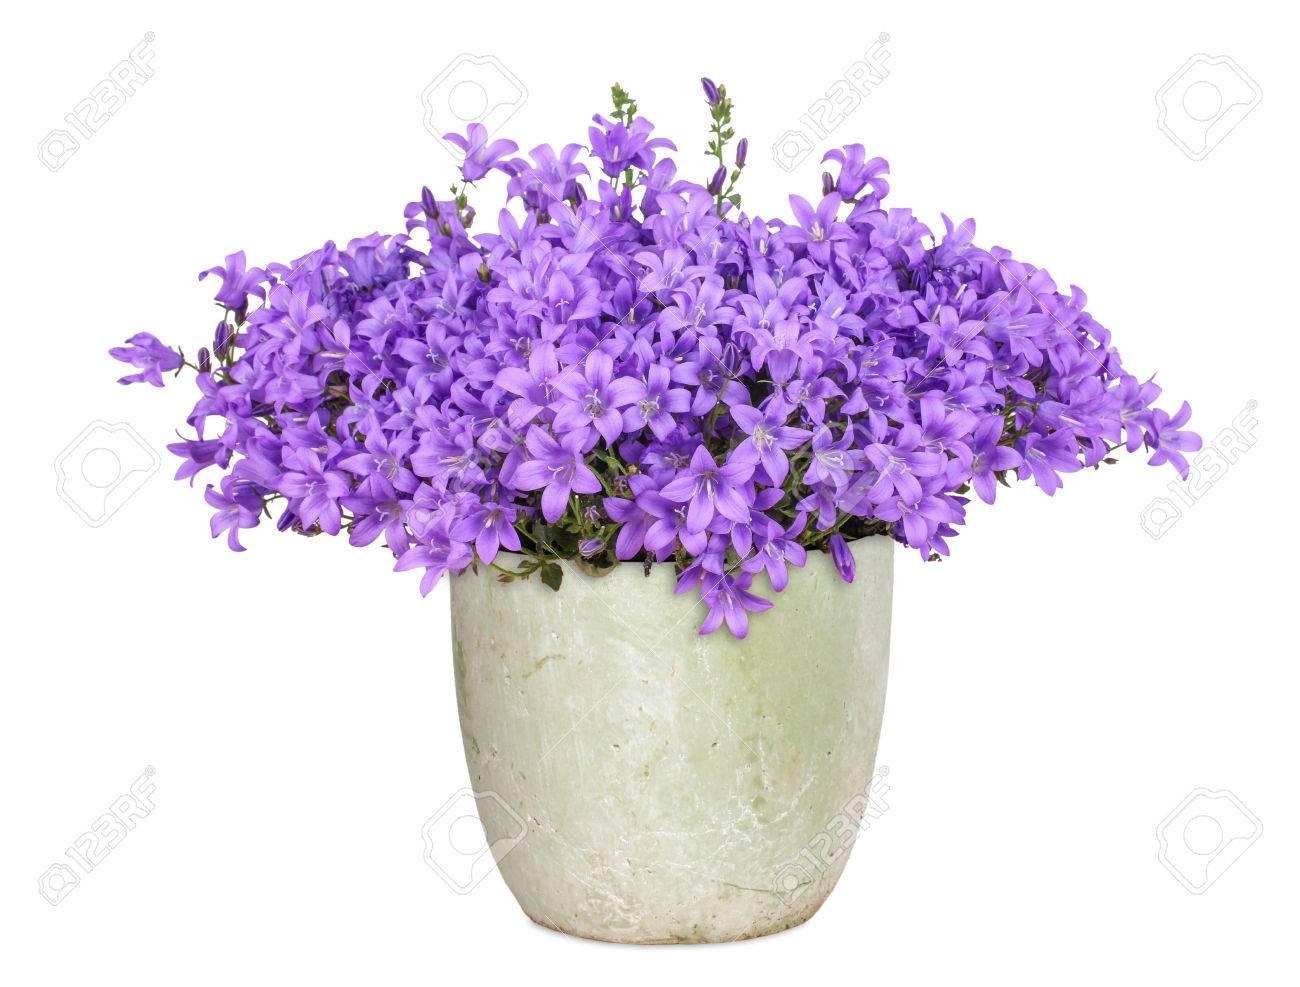 Purple campanula, isolated - 32860743